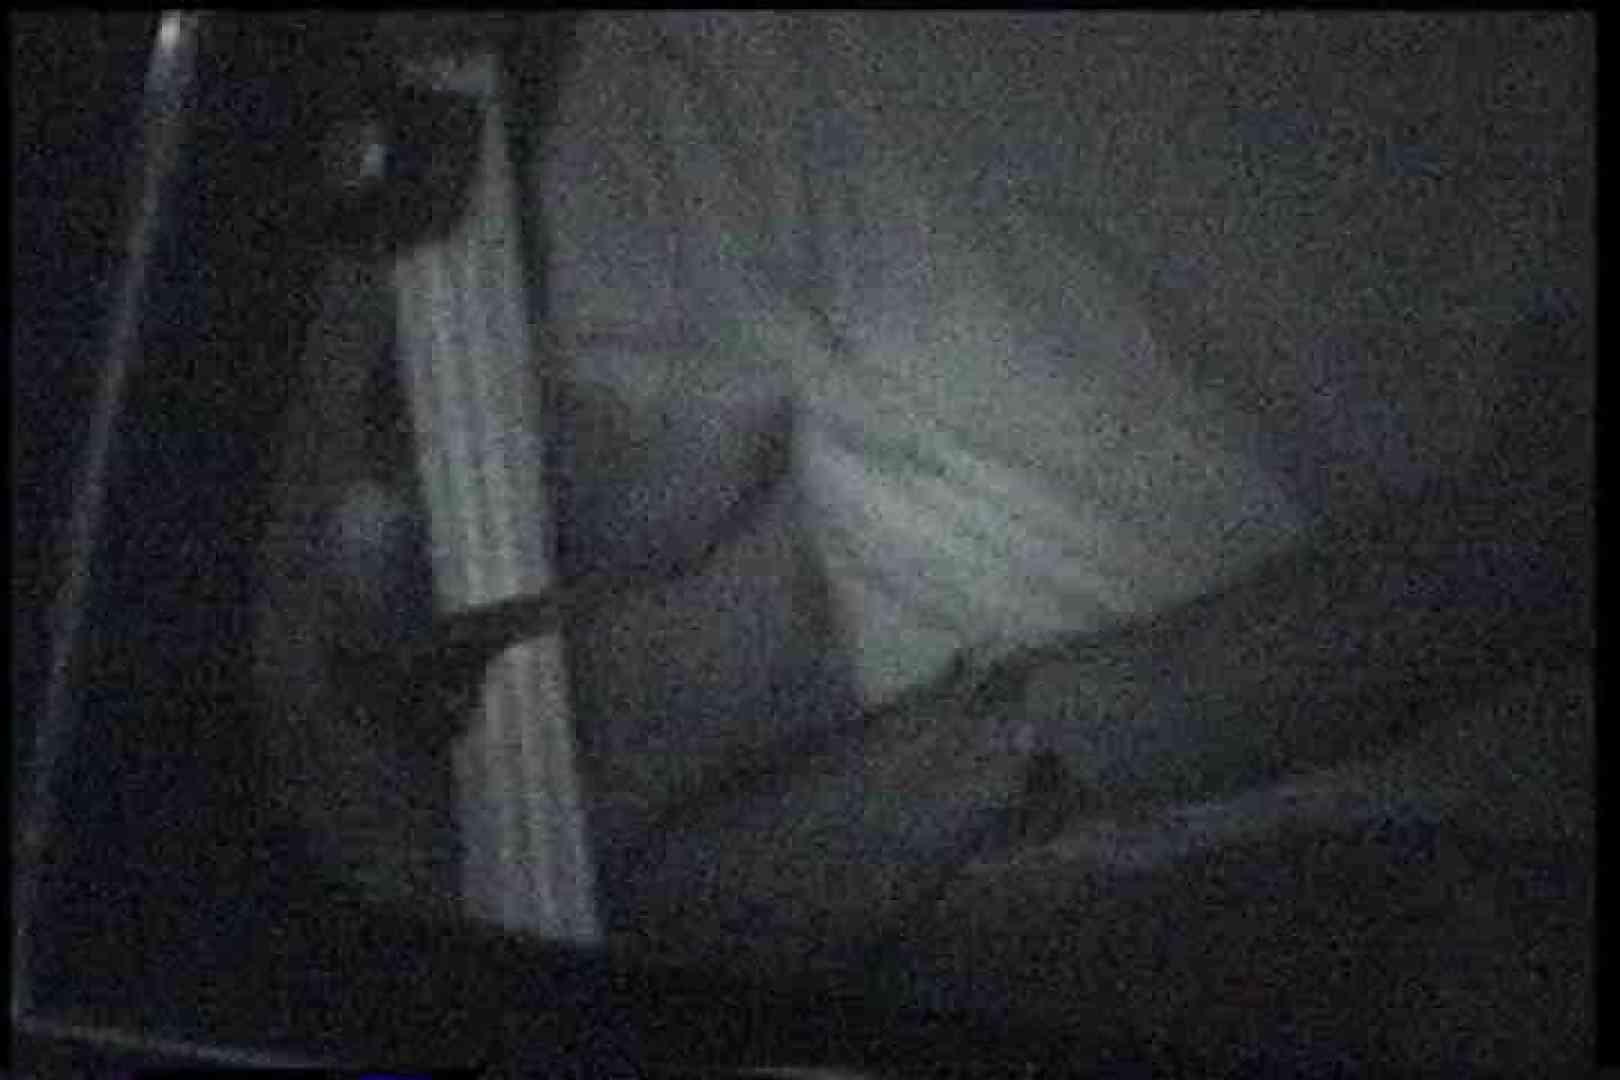 充血監督の深夜の運動会Vol.162 フェラ | OLすけべ画像  67連発 17